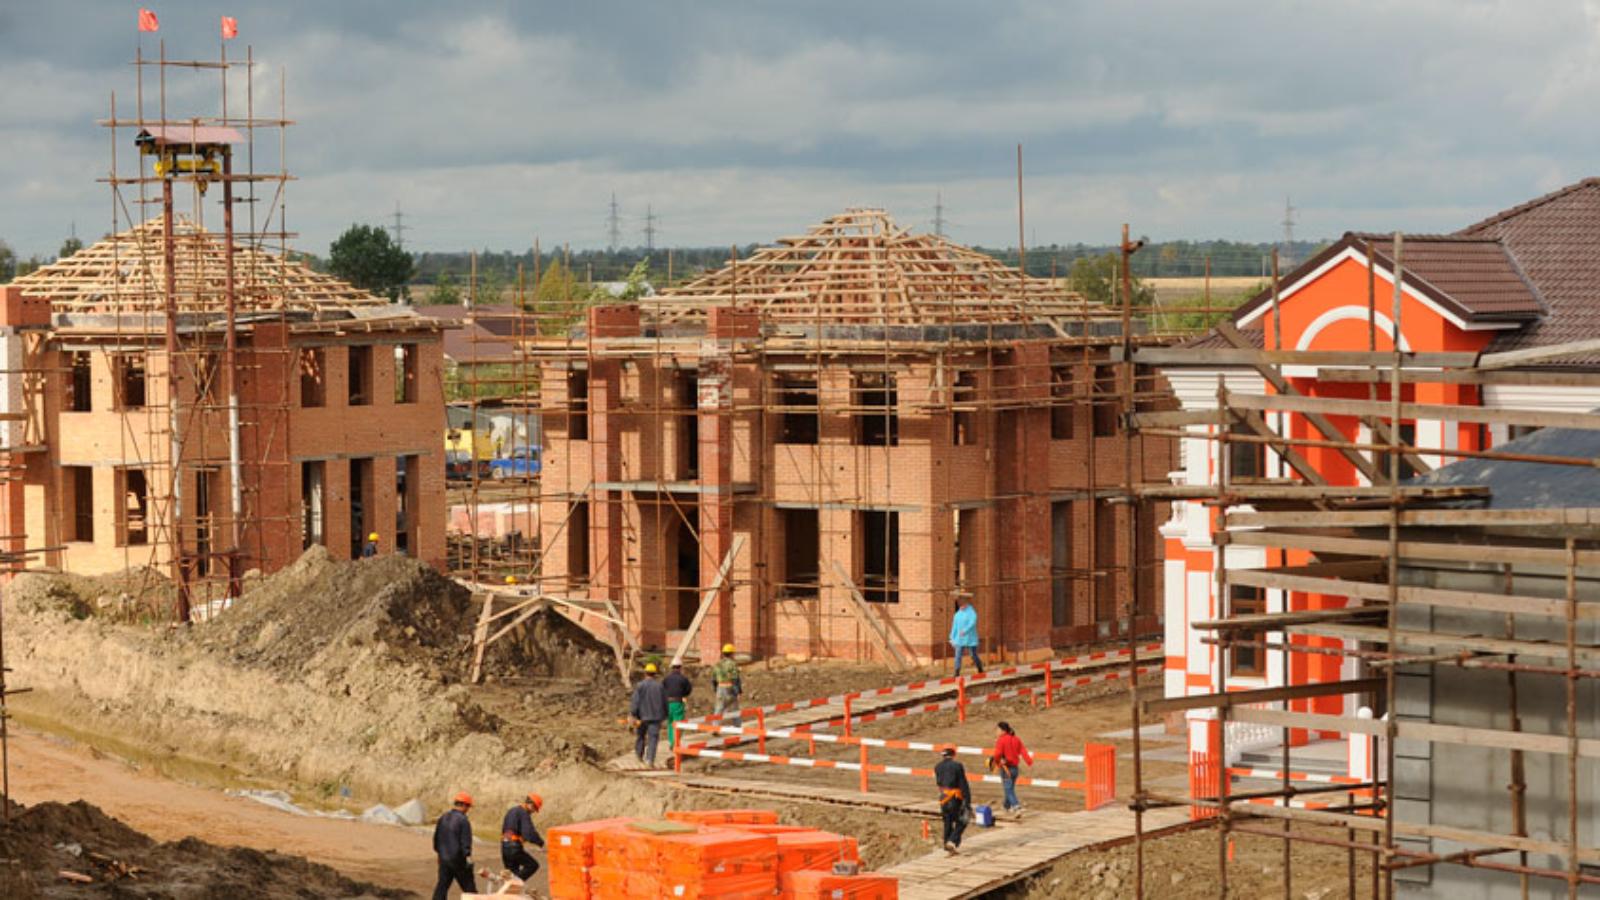 Можно ли вначале строить, а потом оформлять? Какие трудности могут возникнуть?